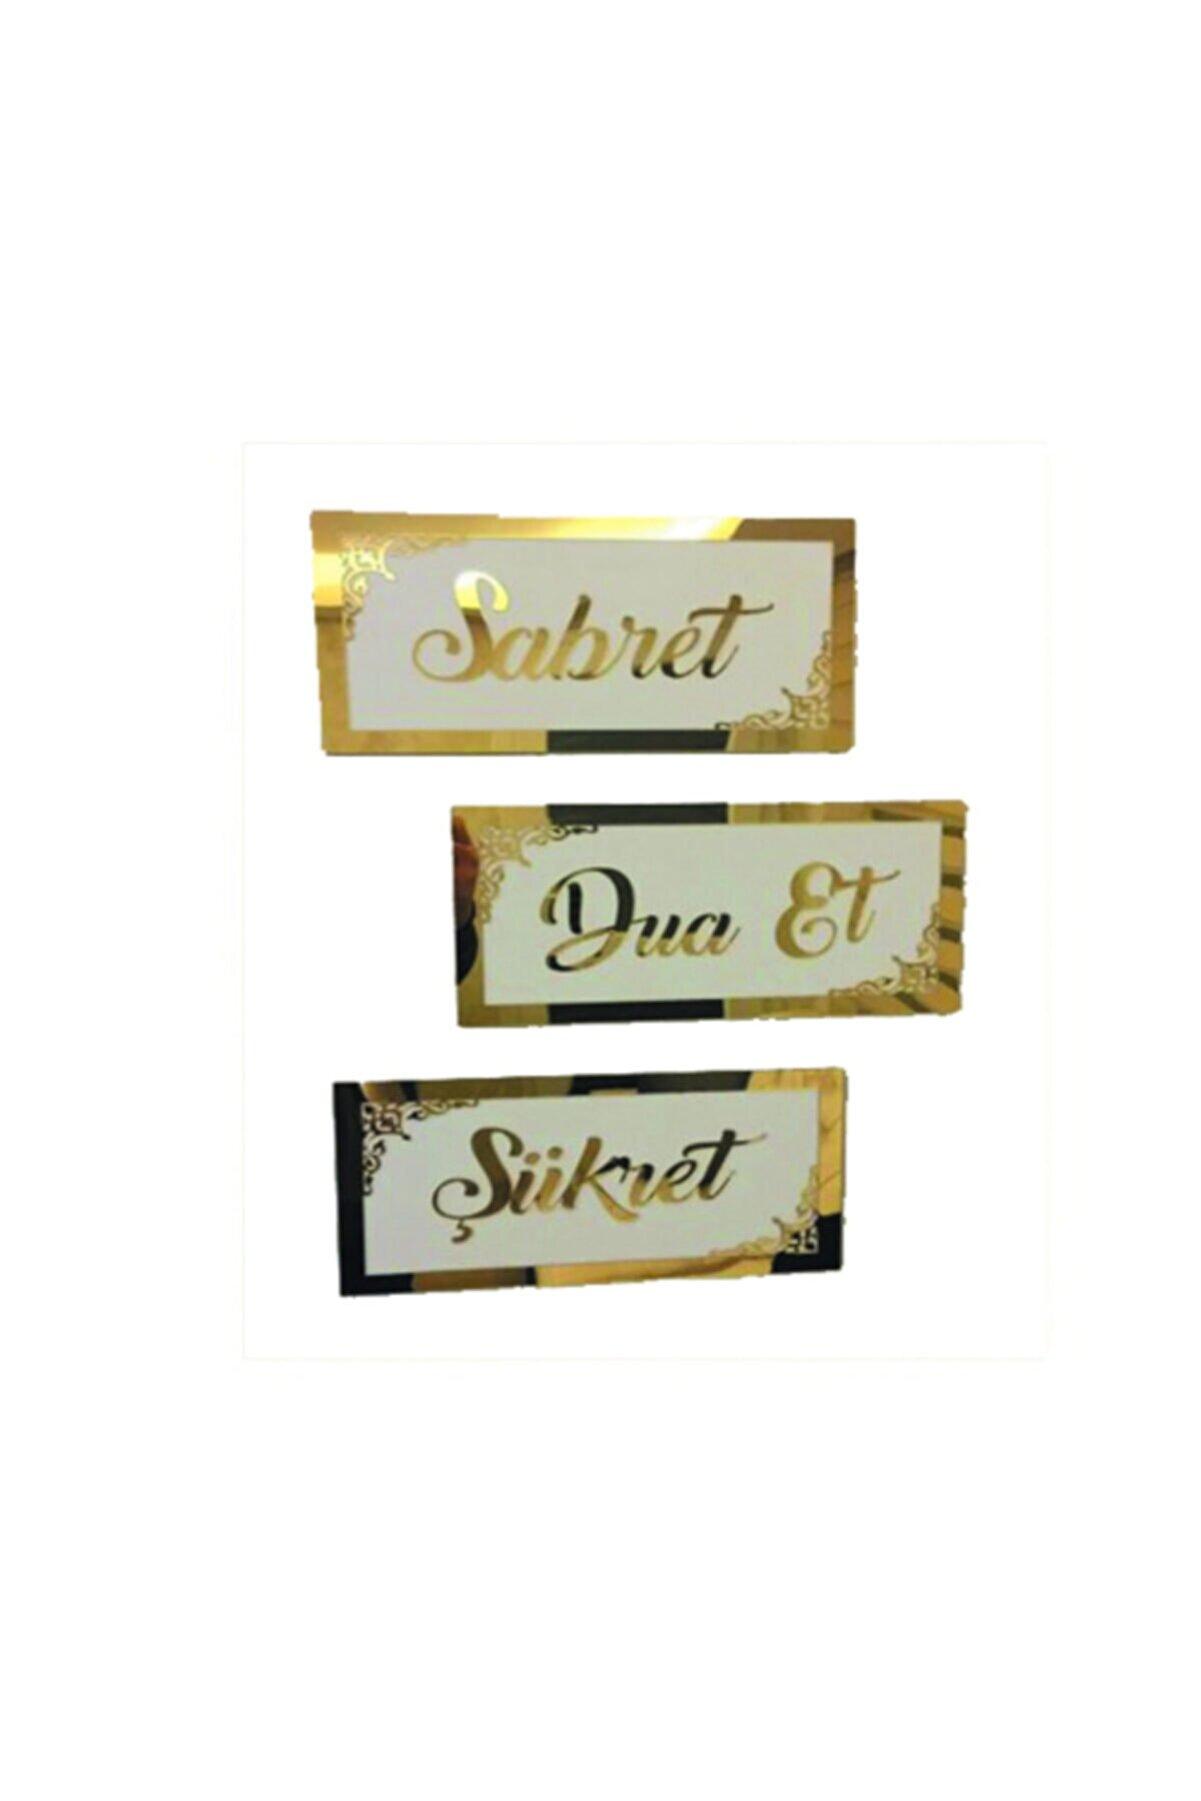 GİZEM SHOP Motifli 3d Sabret Şükret Dua Et 3'lü Set (15*30) Gold